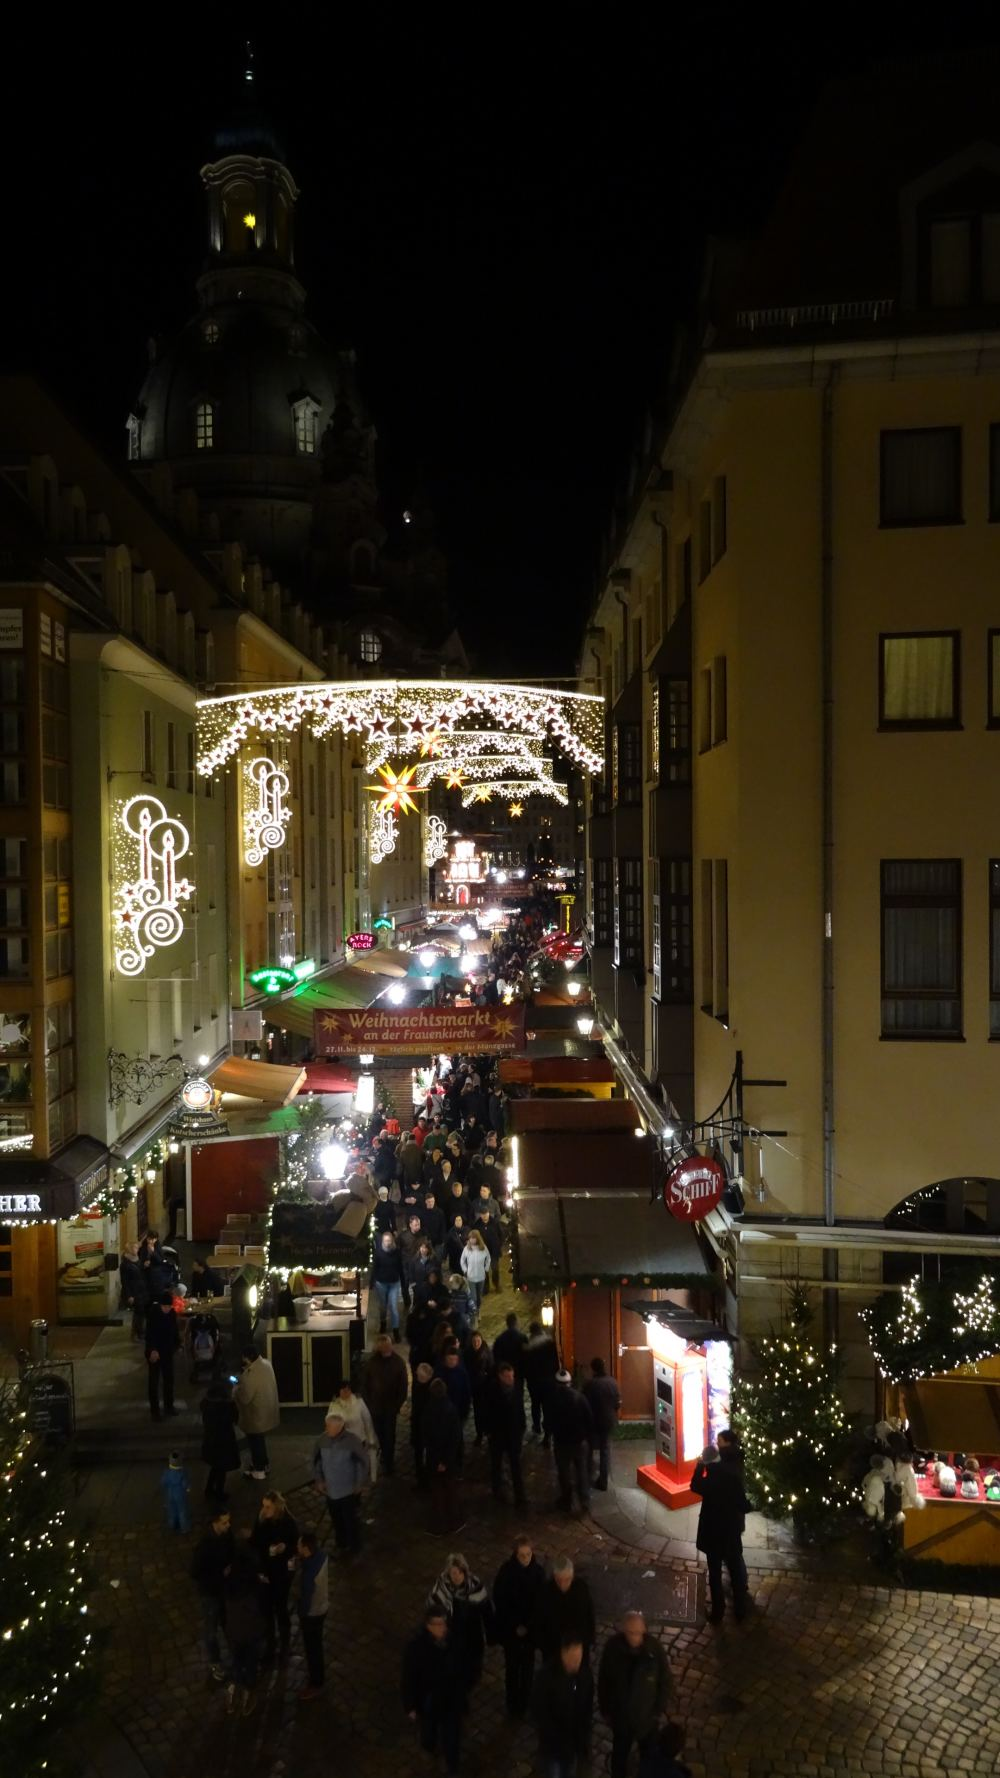 Weihnachtsmarkt an der Frauenkirche (4K, 2160p, 16:9, Hochformat, 06.12.2015)